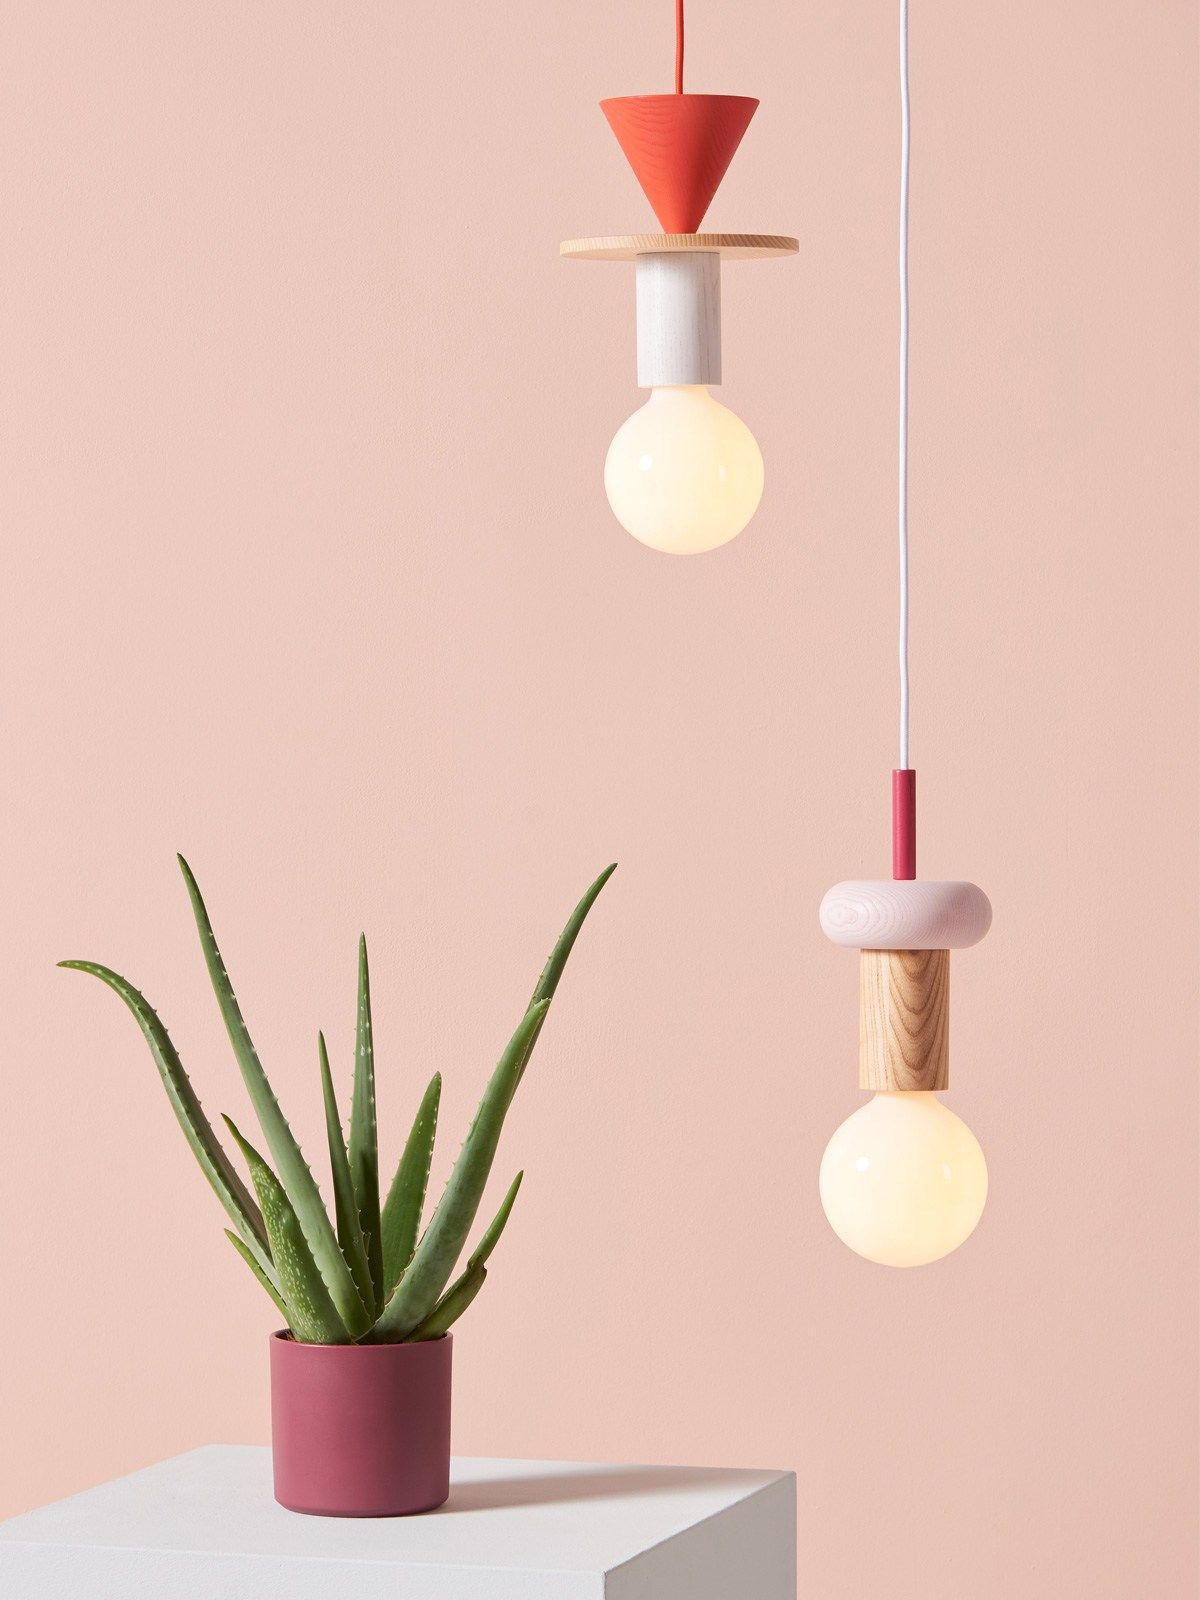 Was Ist Eine Systemleuchte Designort Com Lampe Led Leuchtmittel Lampen Und Leuchten